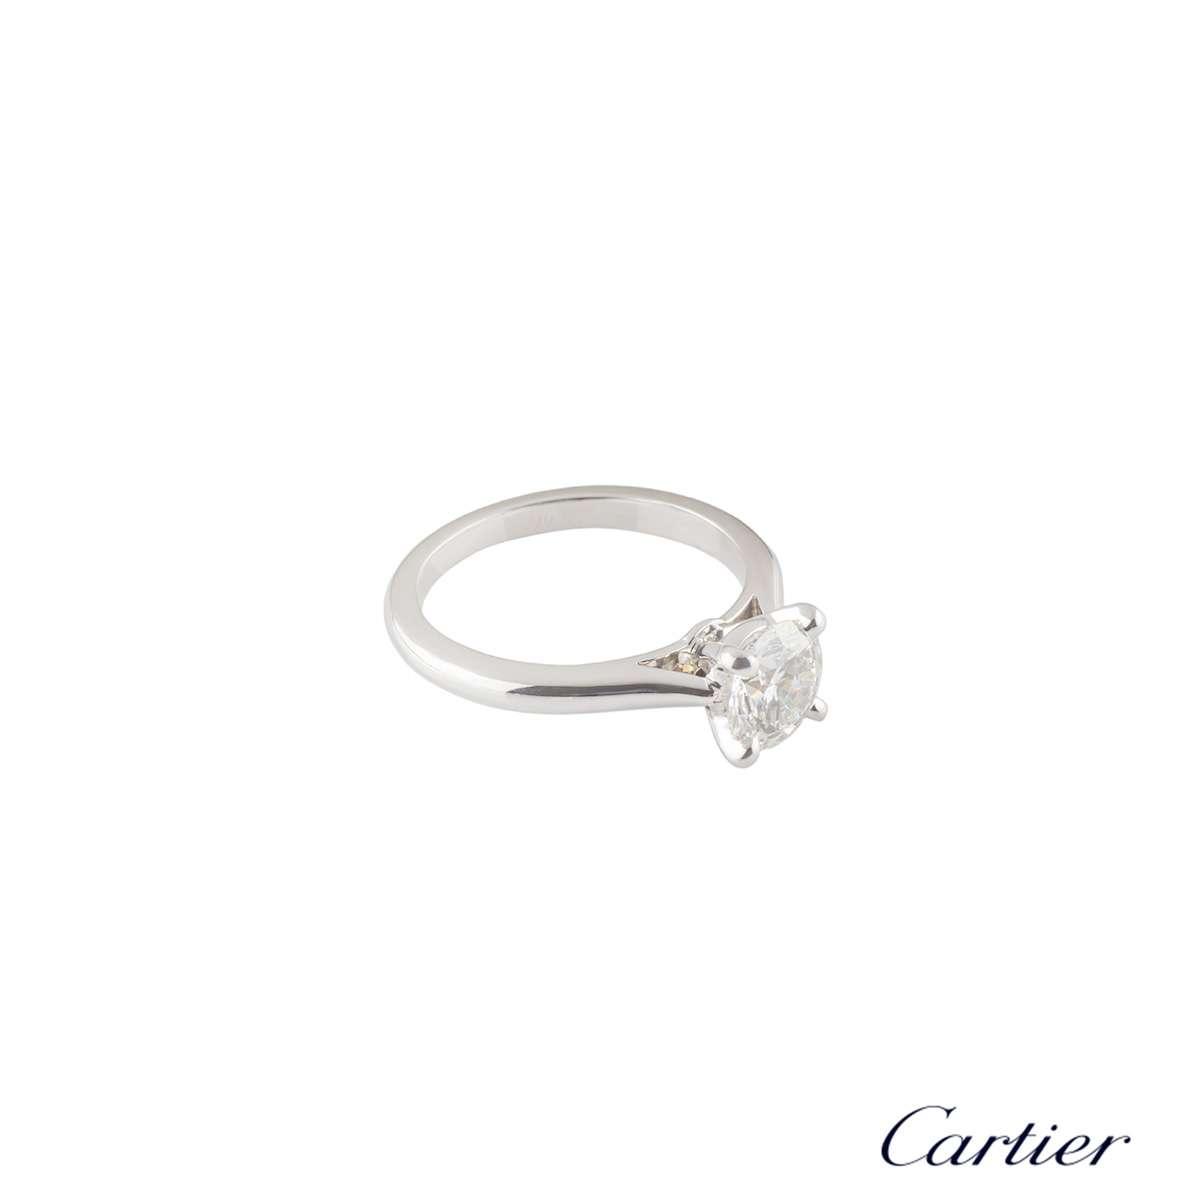 Cartier Platinum Diamond 1895 Solitaire Ring 1.09ct G/VVS2 XXX N4163650